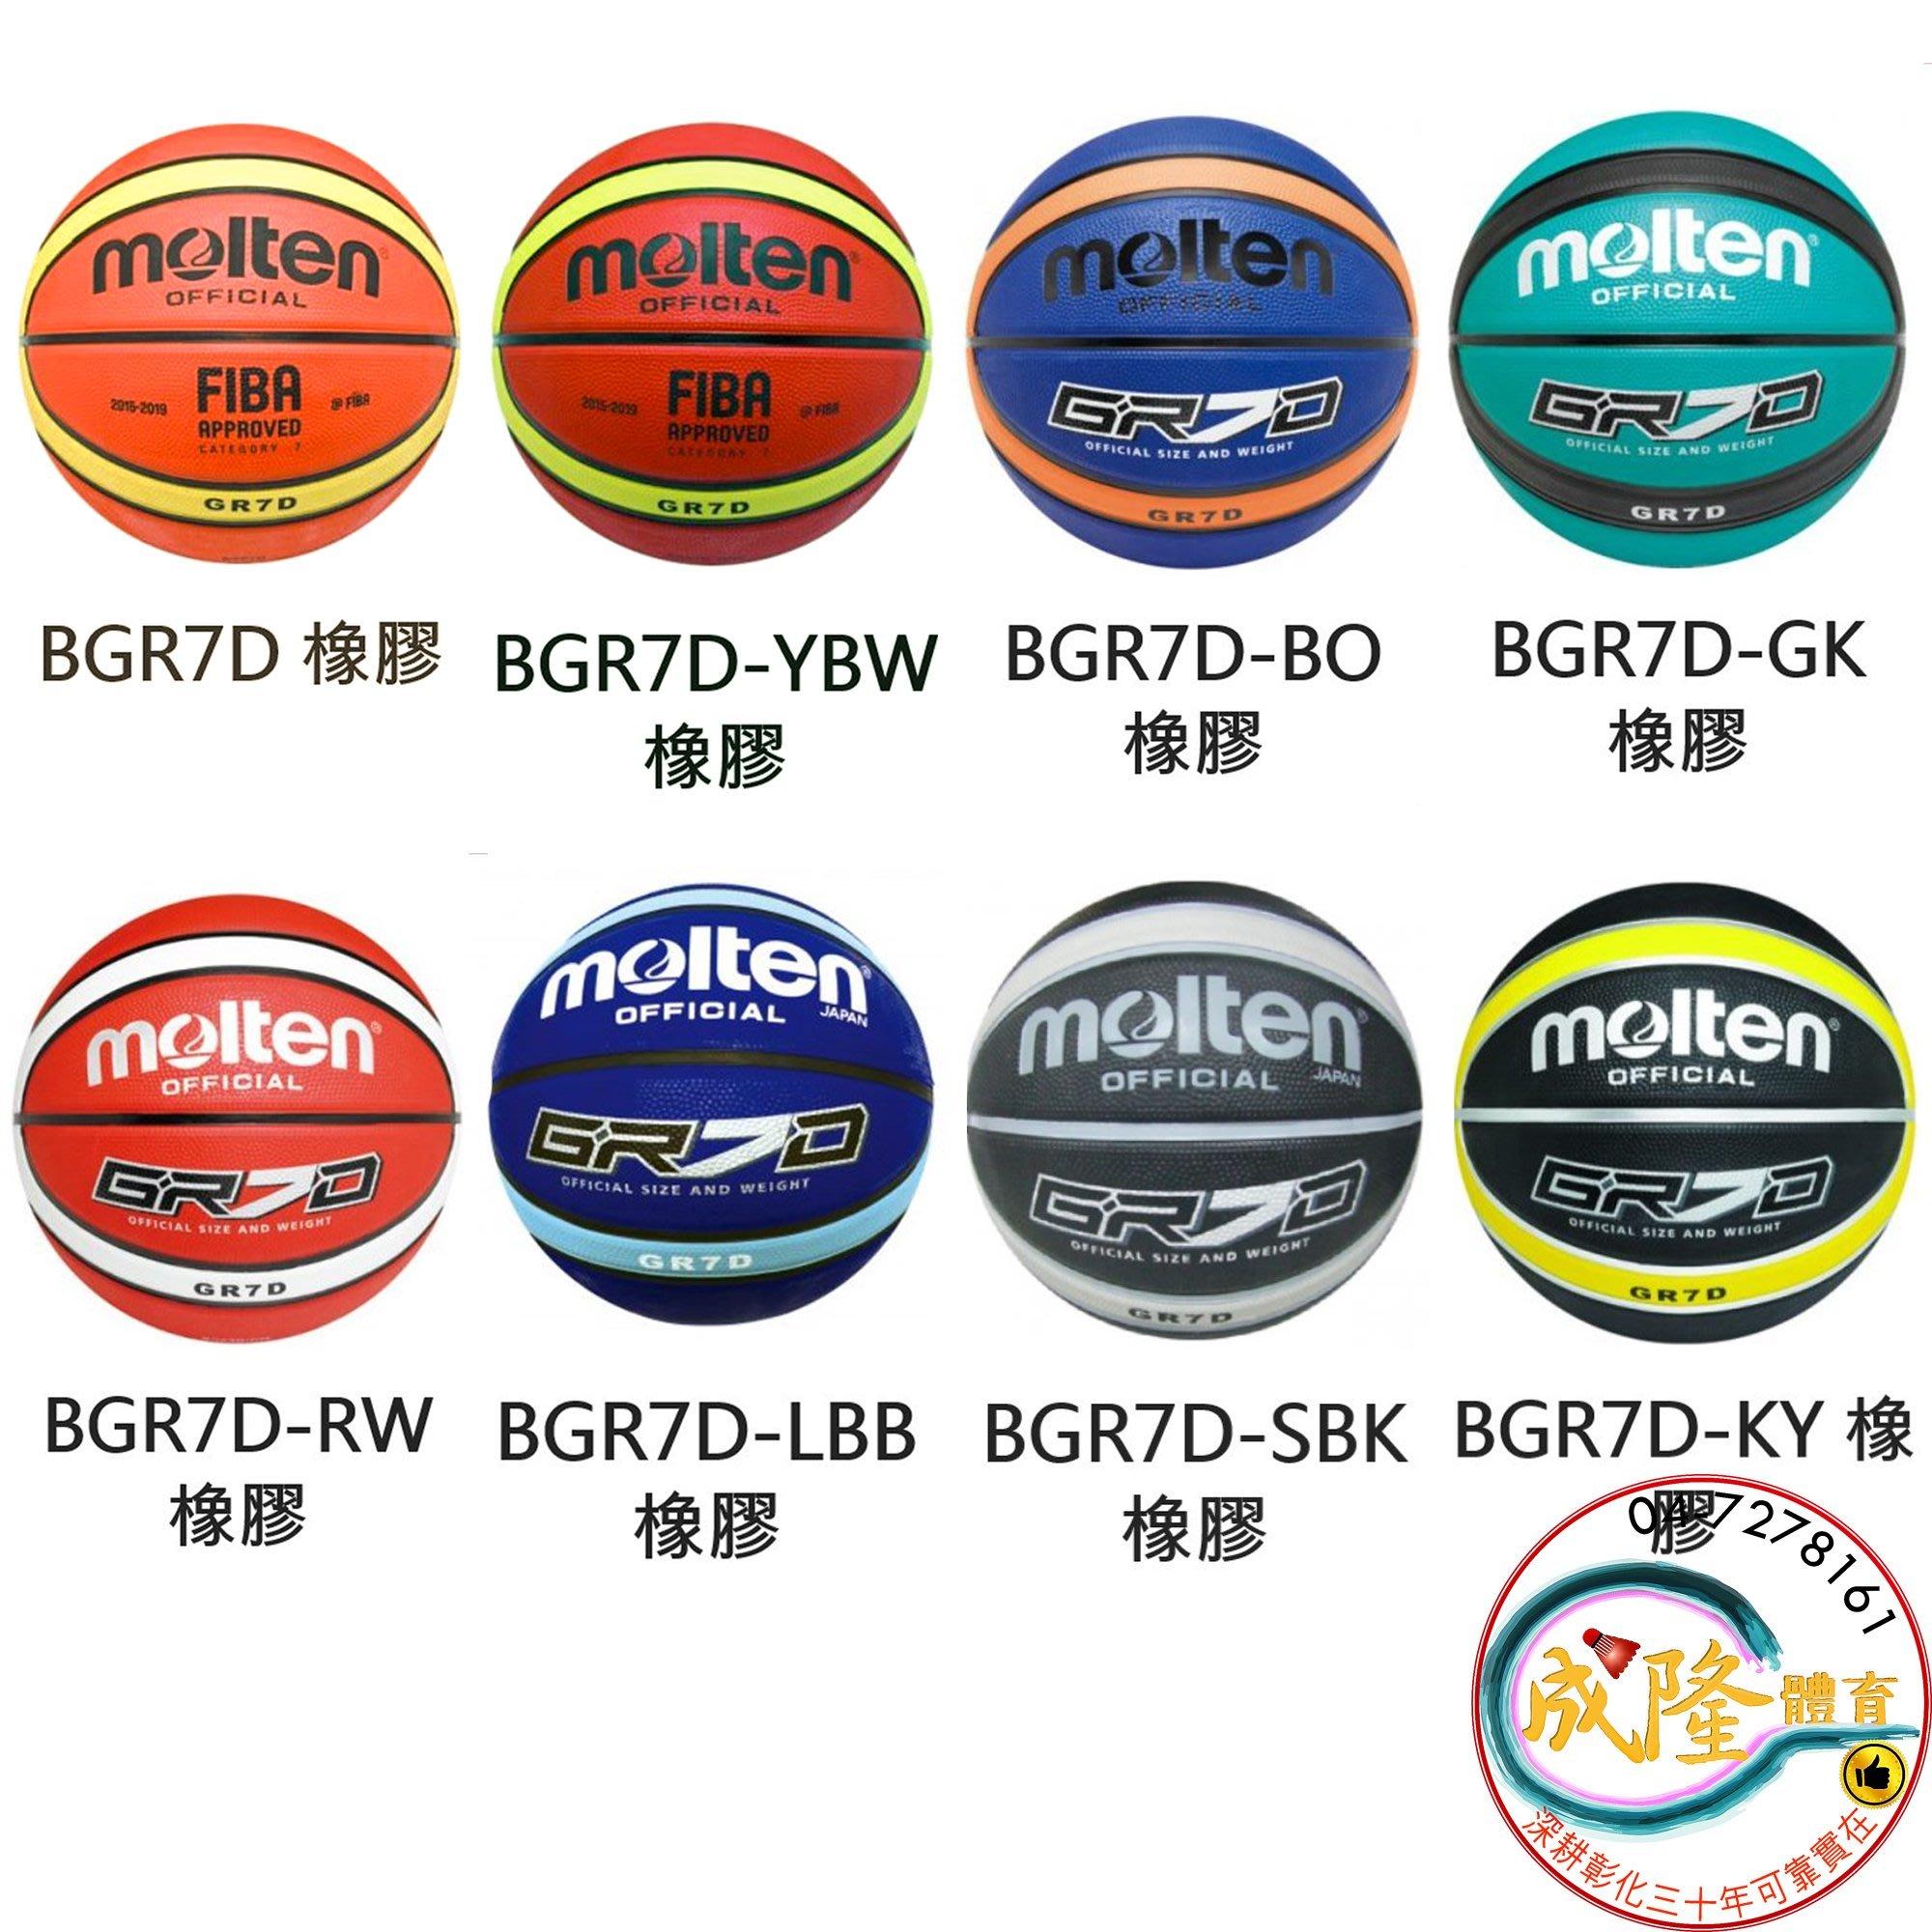 §成隆體育§ Molten GR7D 籃球 7號 BGR7D 橡膠籃球 多色 買球附球針球網 12片 深溝 公司貨附發票